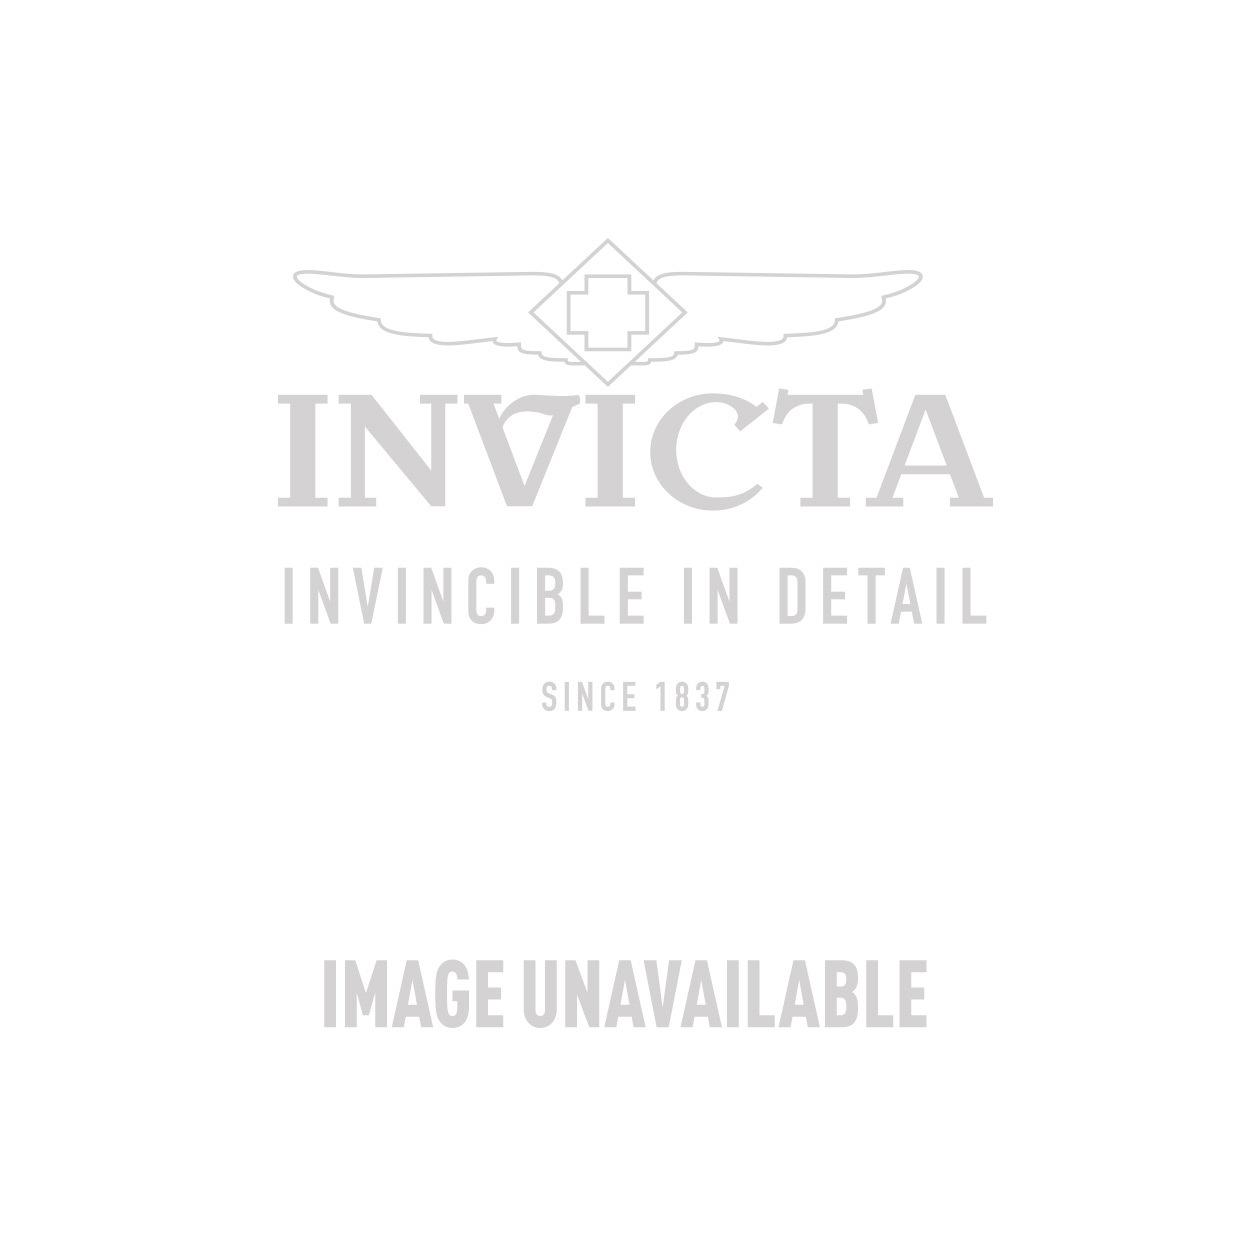 Invicta Model 28979